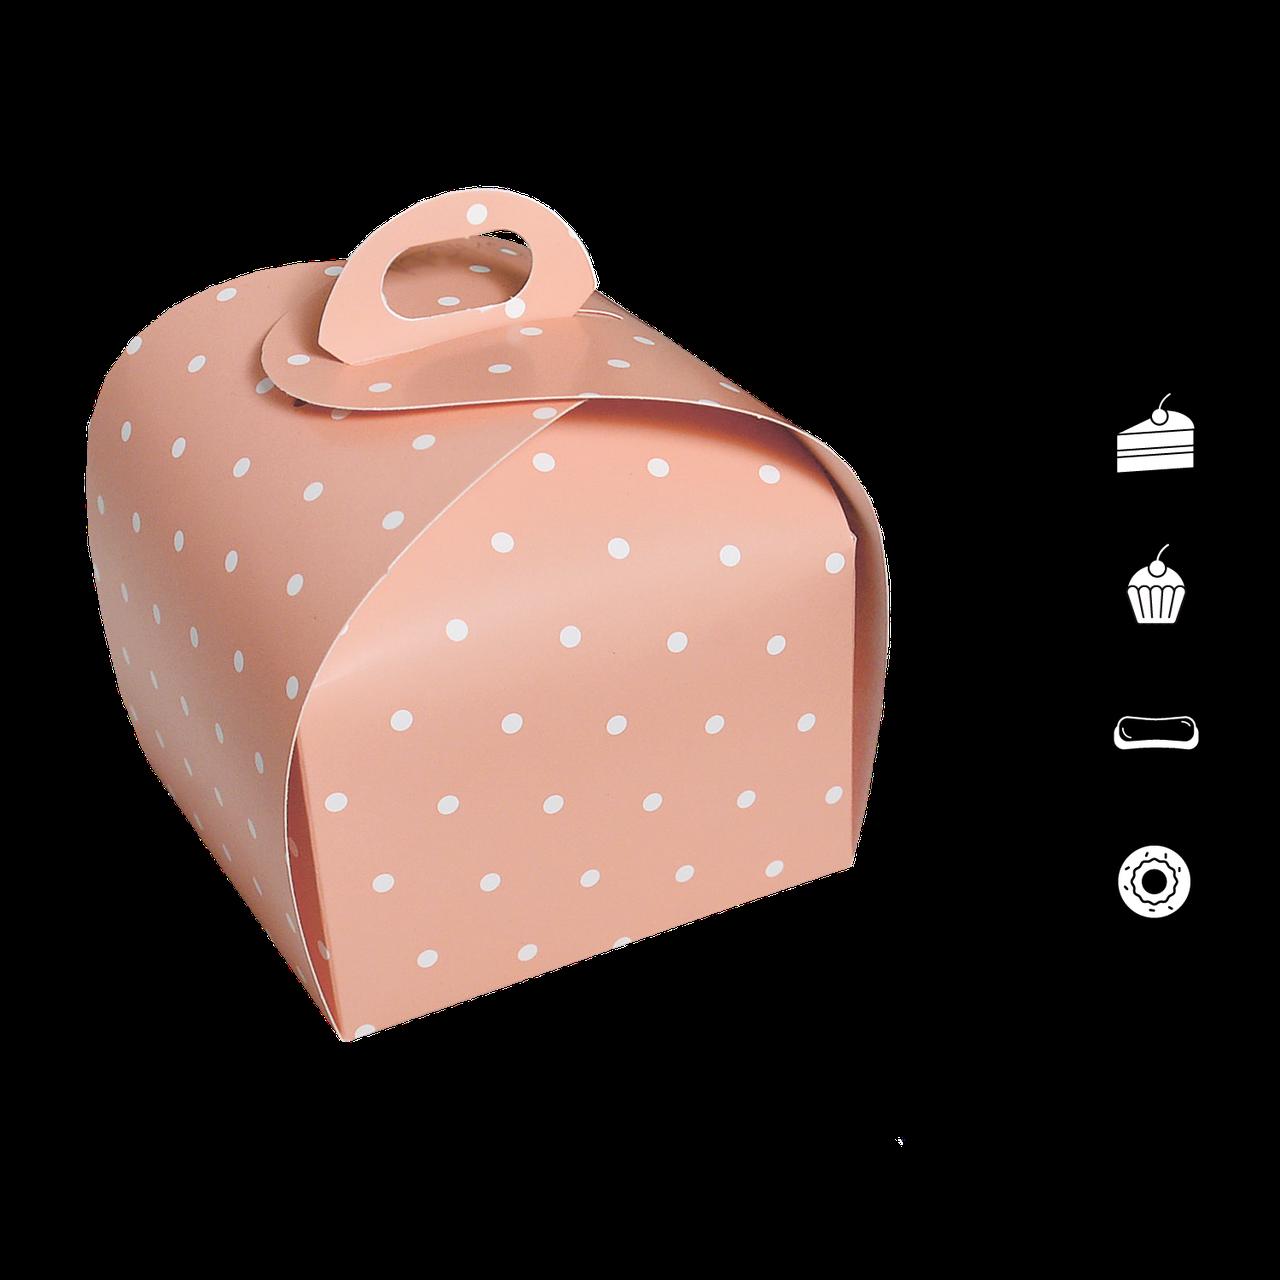 Коробка для торта купольная КТ 0416 розовый горох 110*110*110мм (уп/25шт)